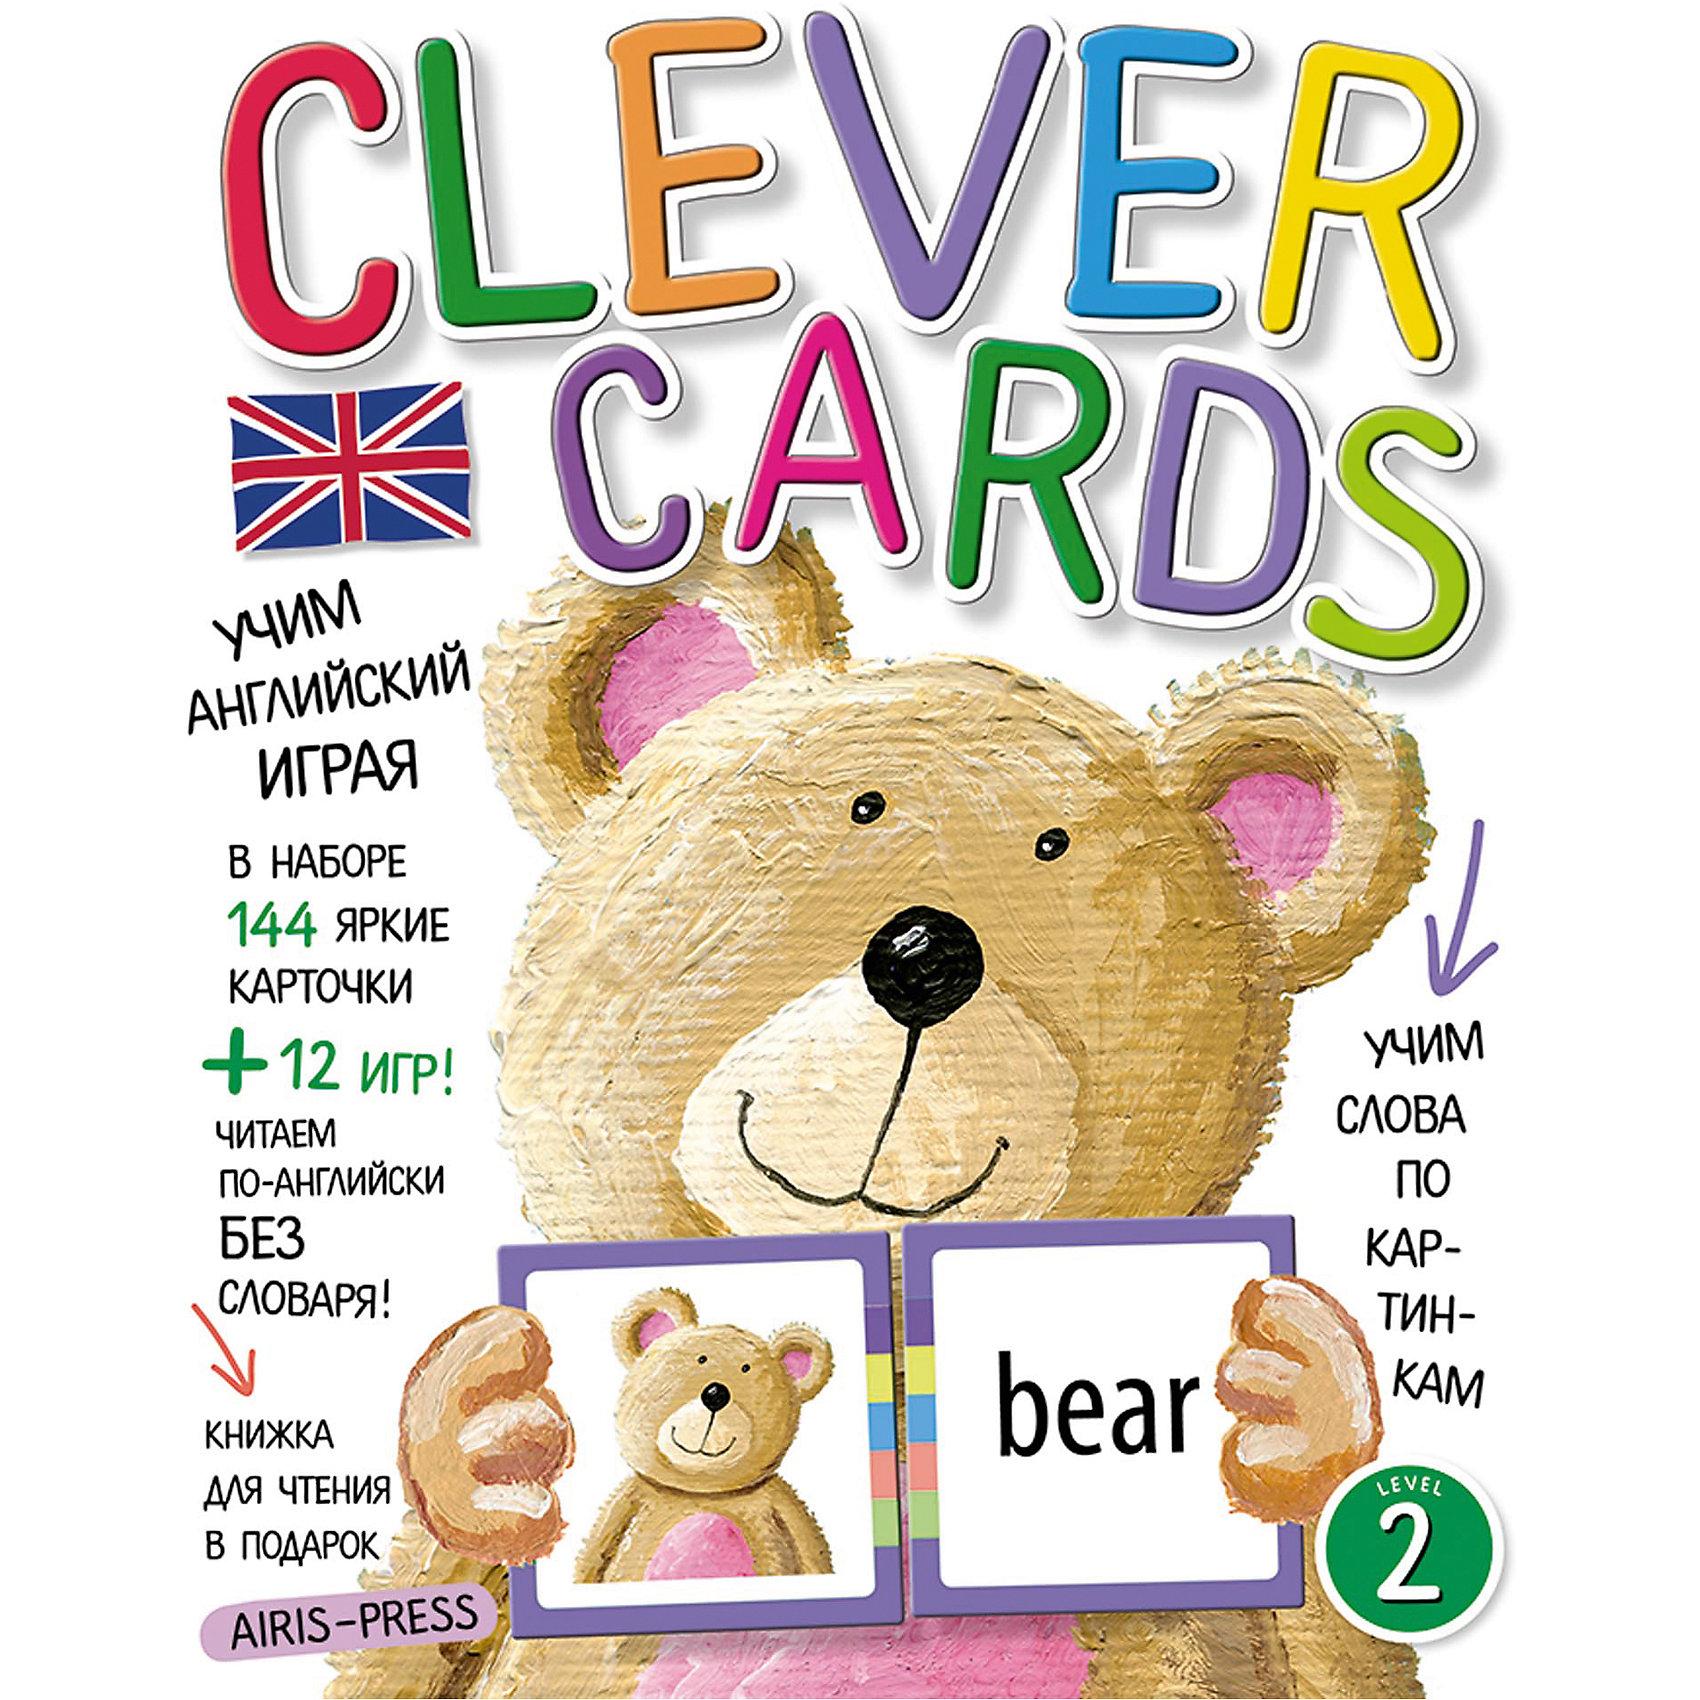 """Учим английский играя, уровень 2АЙРИС-пресс<br>Набор игровых карточек """"Clever Cards. Level 2"""" поможет детям быстро и незаметно для себя освоить значительную часть лексики начальной школы. А еще даст возможность читать английские тексты без словаря! Кроме того, в наборе вы найдёте сборник с методическими рекомендациями, который поможет вам правильно организовать обучающие игры. Книжку со сказкой """"Goldilocks and the Three Bears"""" мы вам дарим! Попробуйте прочитать её, не пользуясь словарем в конце книжки.<br><br>Ширина мм: 15<br>Глубина мм: 170<br>Высота мм: 220<br>Вес г: 250<br>Возраст от месяцев: -2147483648<br>Возраст до месяцев: 2147483647<br>Пол: Унисекс<br>Возраст: Детский<br>SKU: 6849553"""